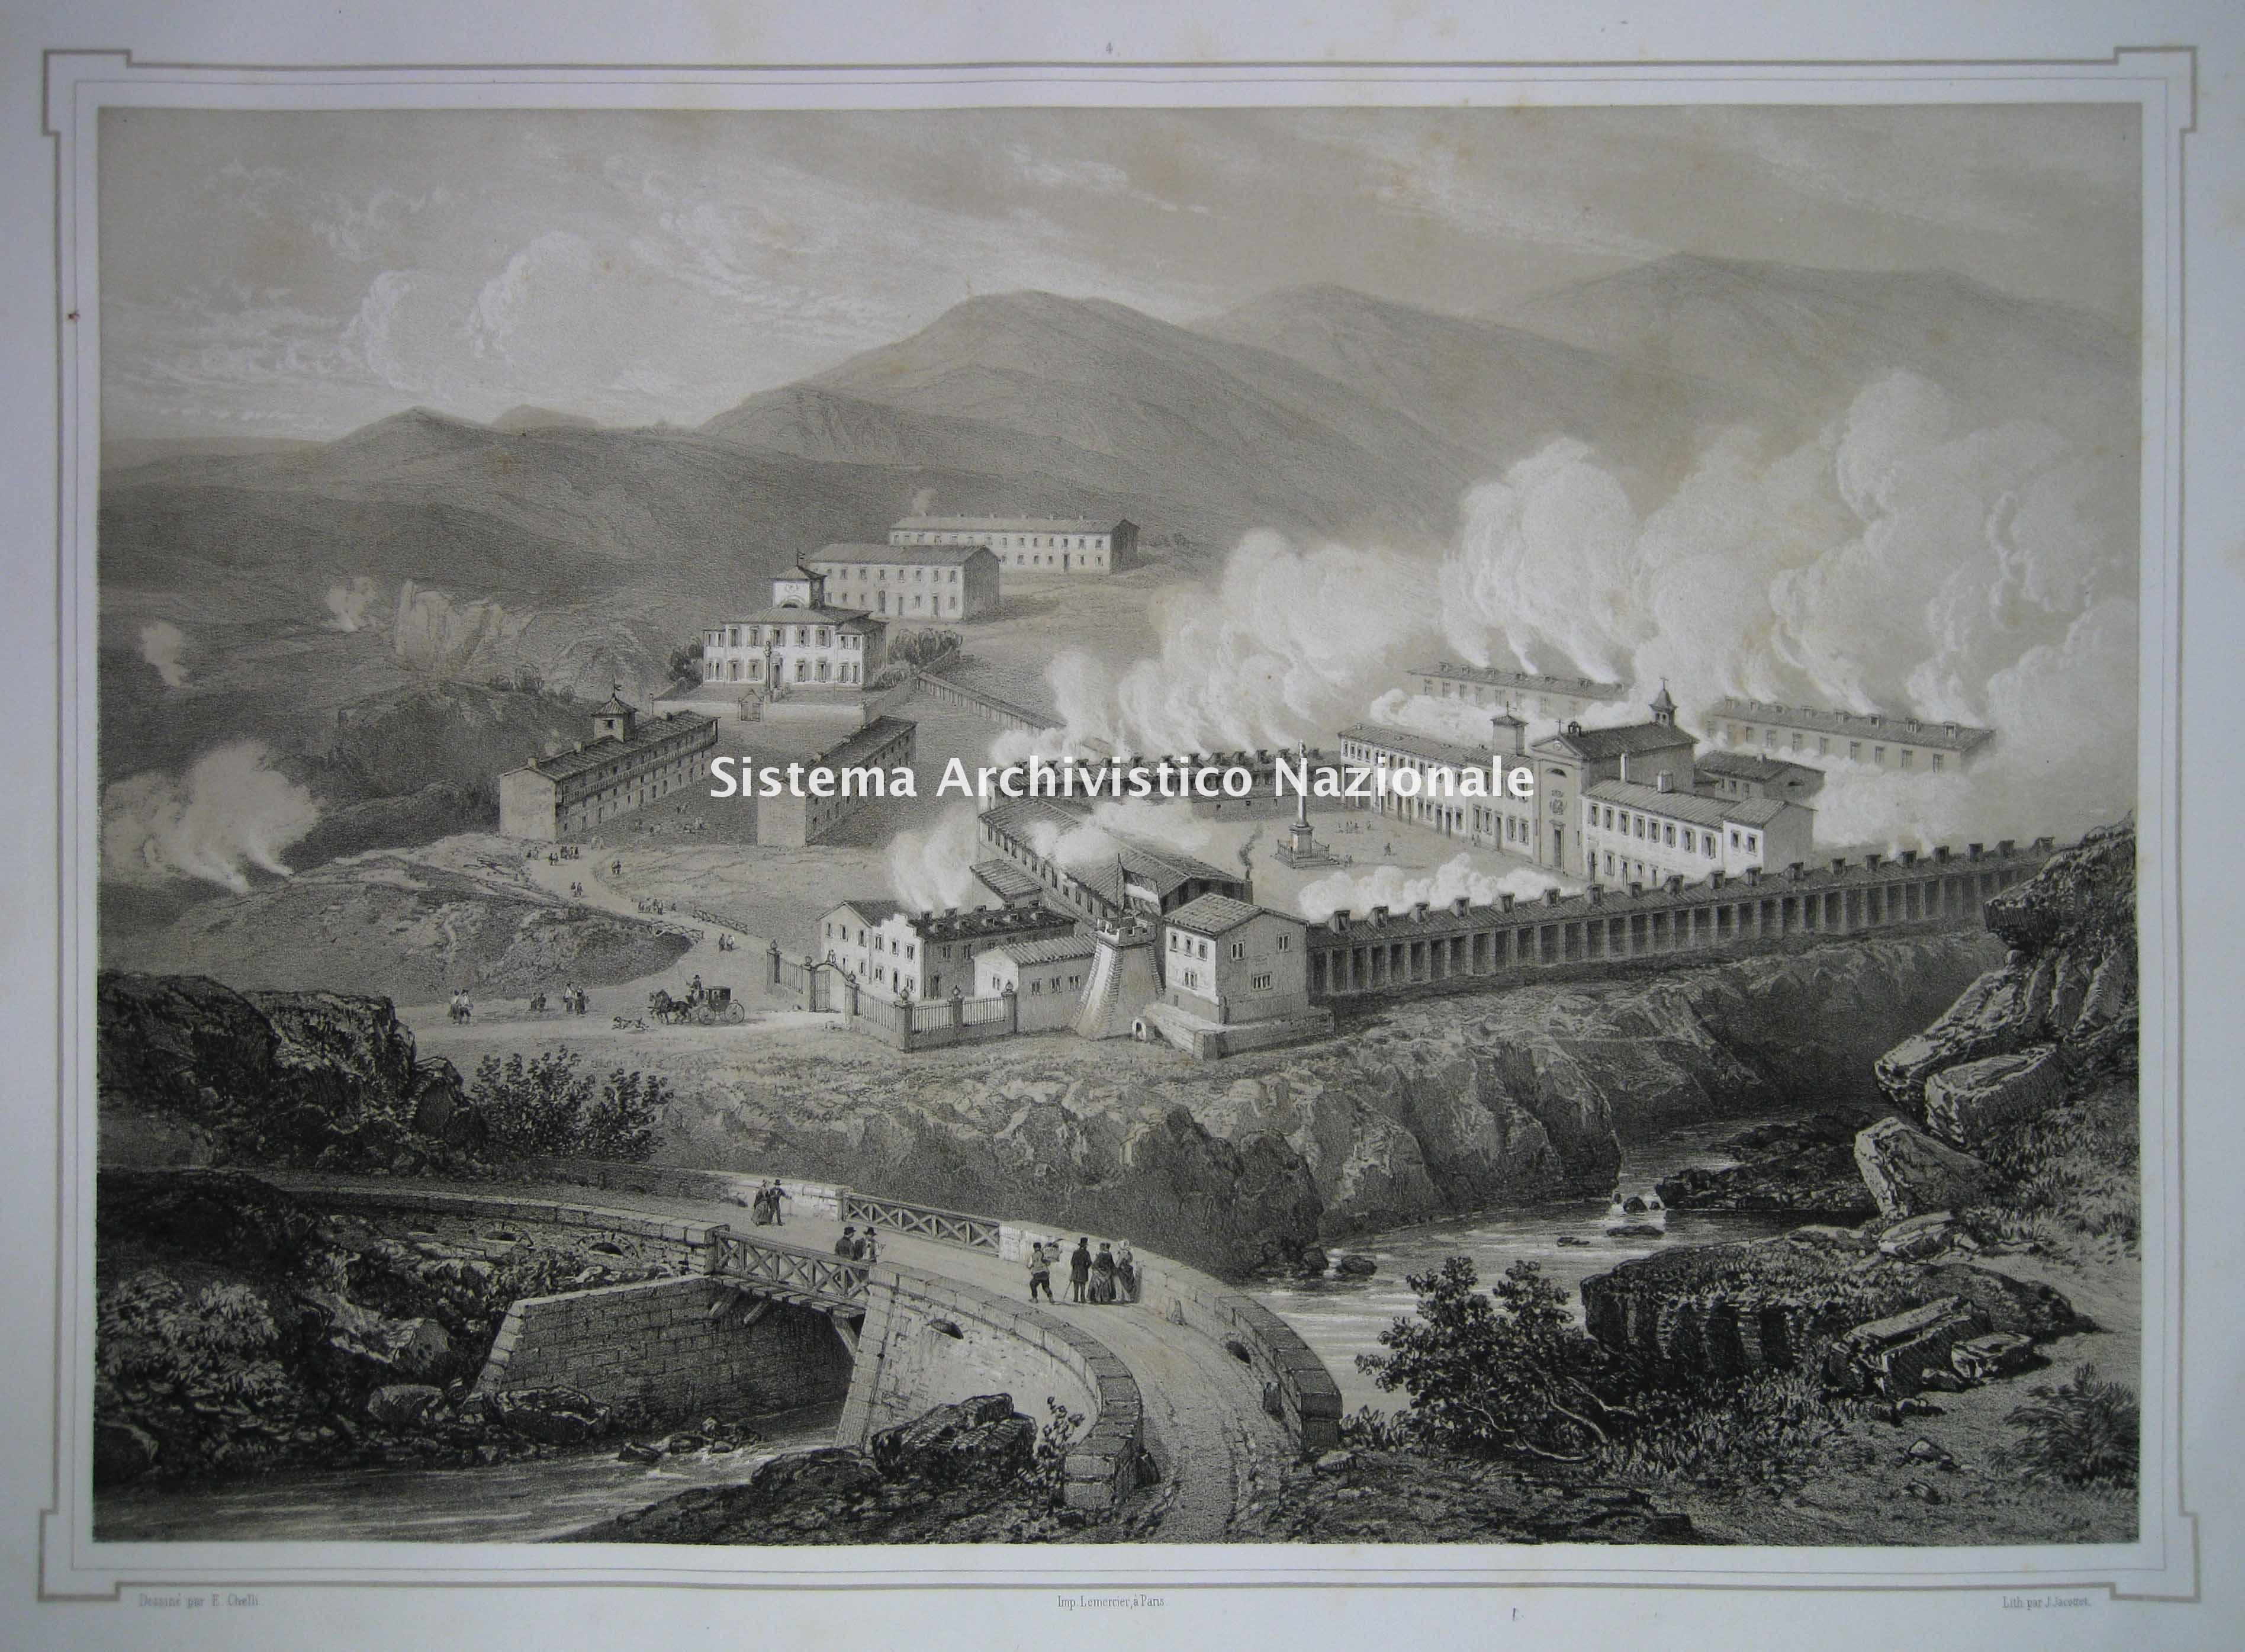 Contea e palazzo di Larderello, 1851